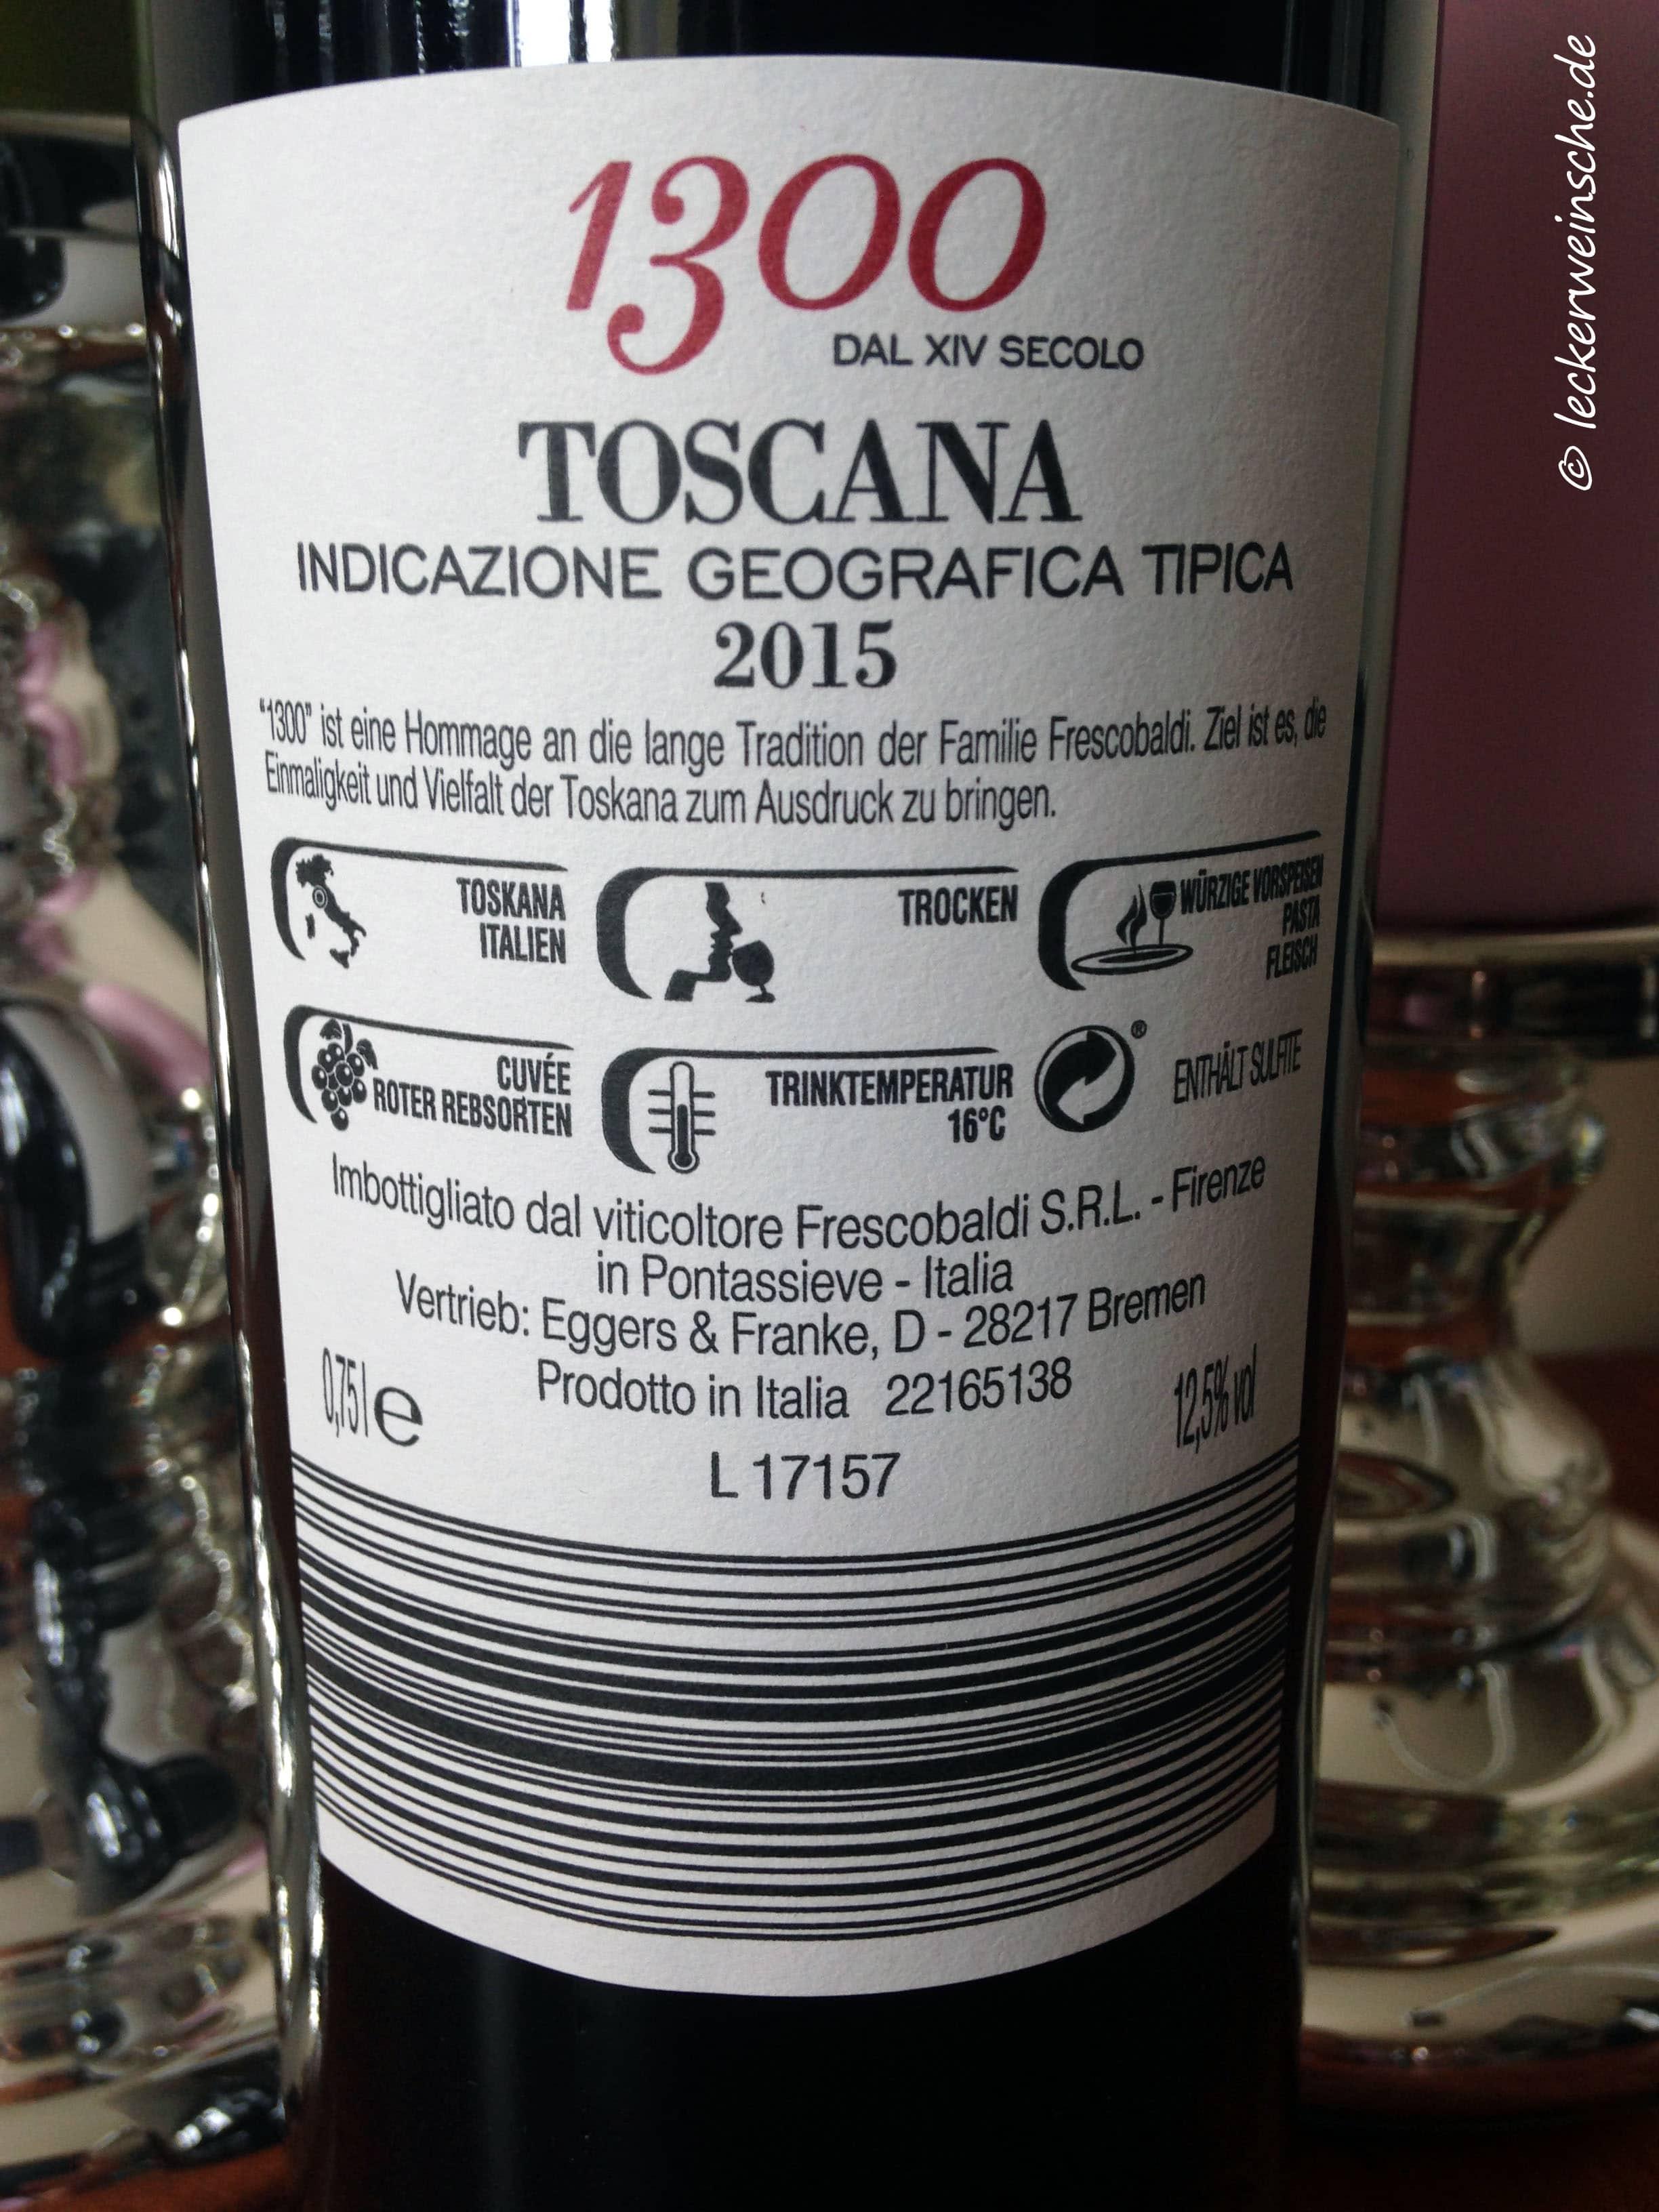 Frescobaldi 1300 Toscana 2015